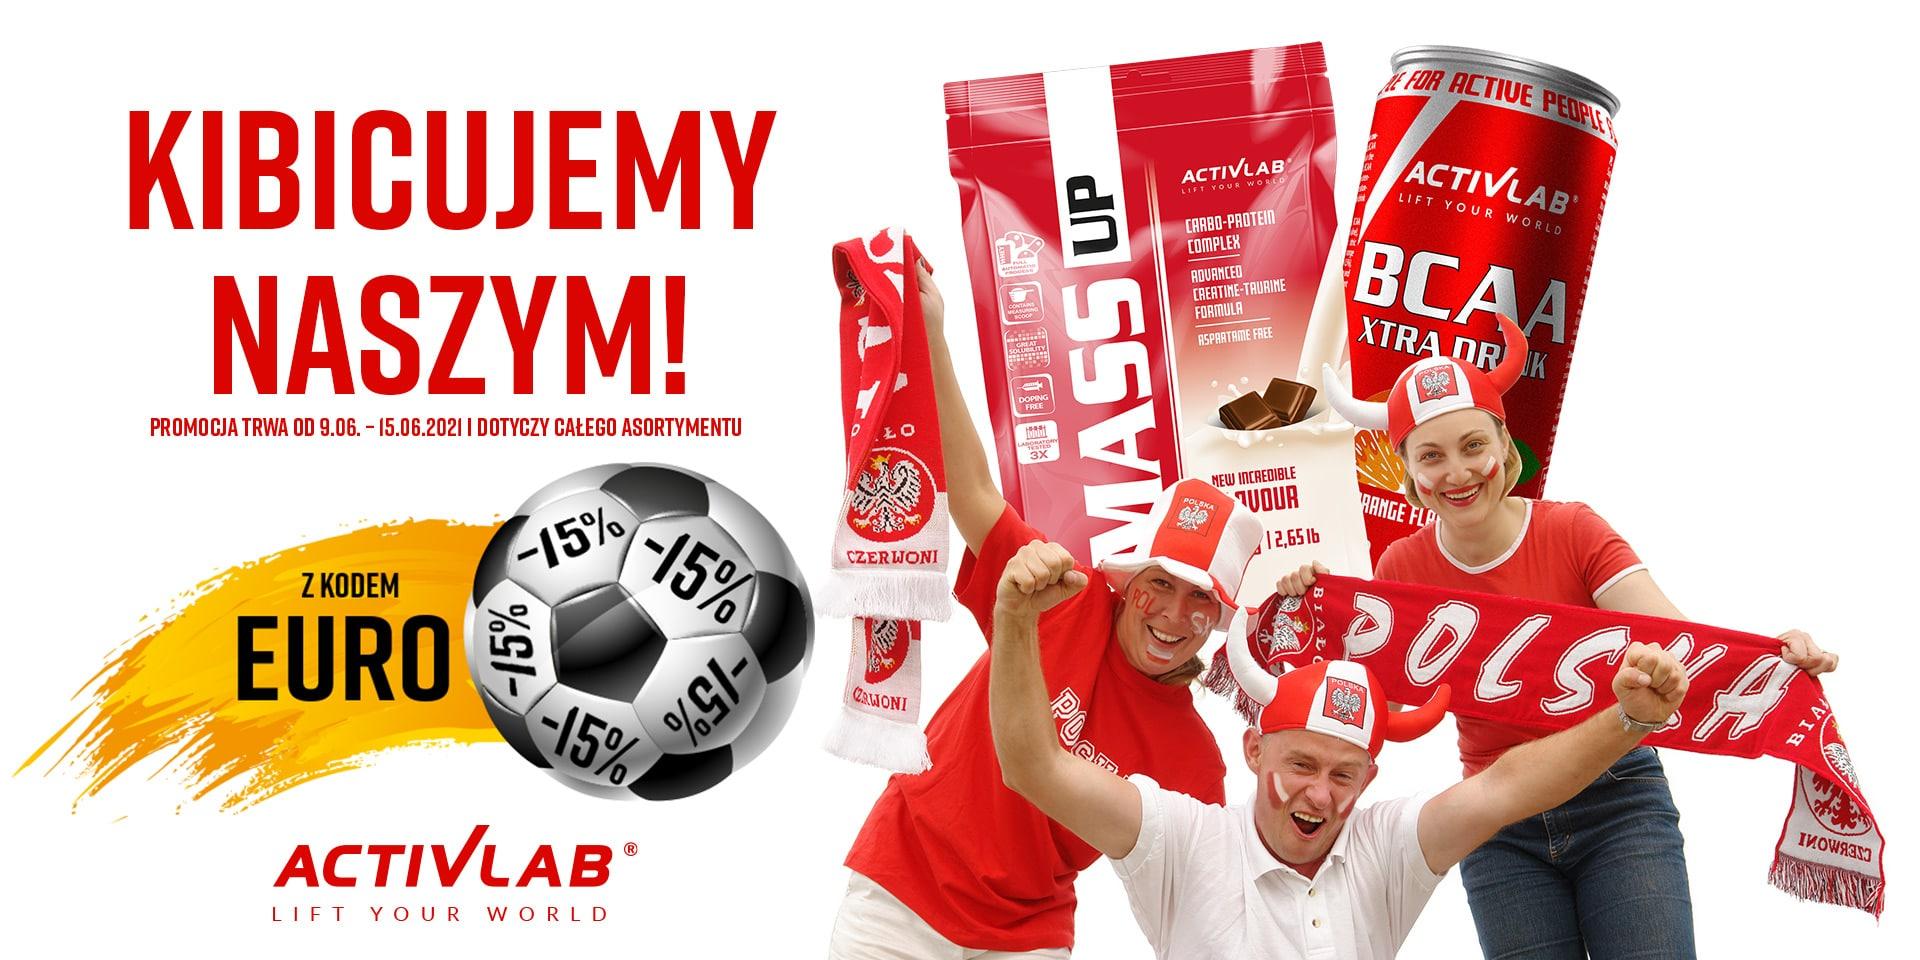 ActivLab: 15% zniżki na odżywki oraz suplementy diety dla sportowców i osób aktywnych